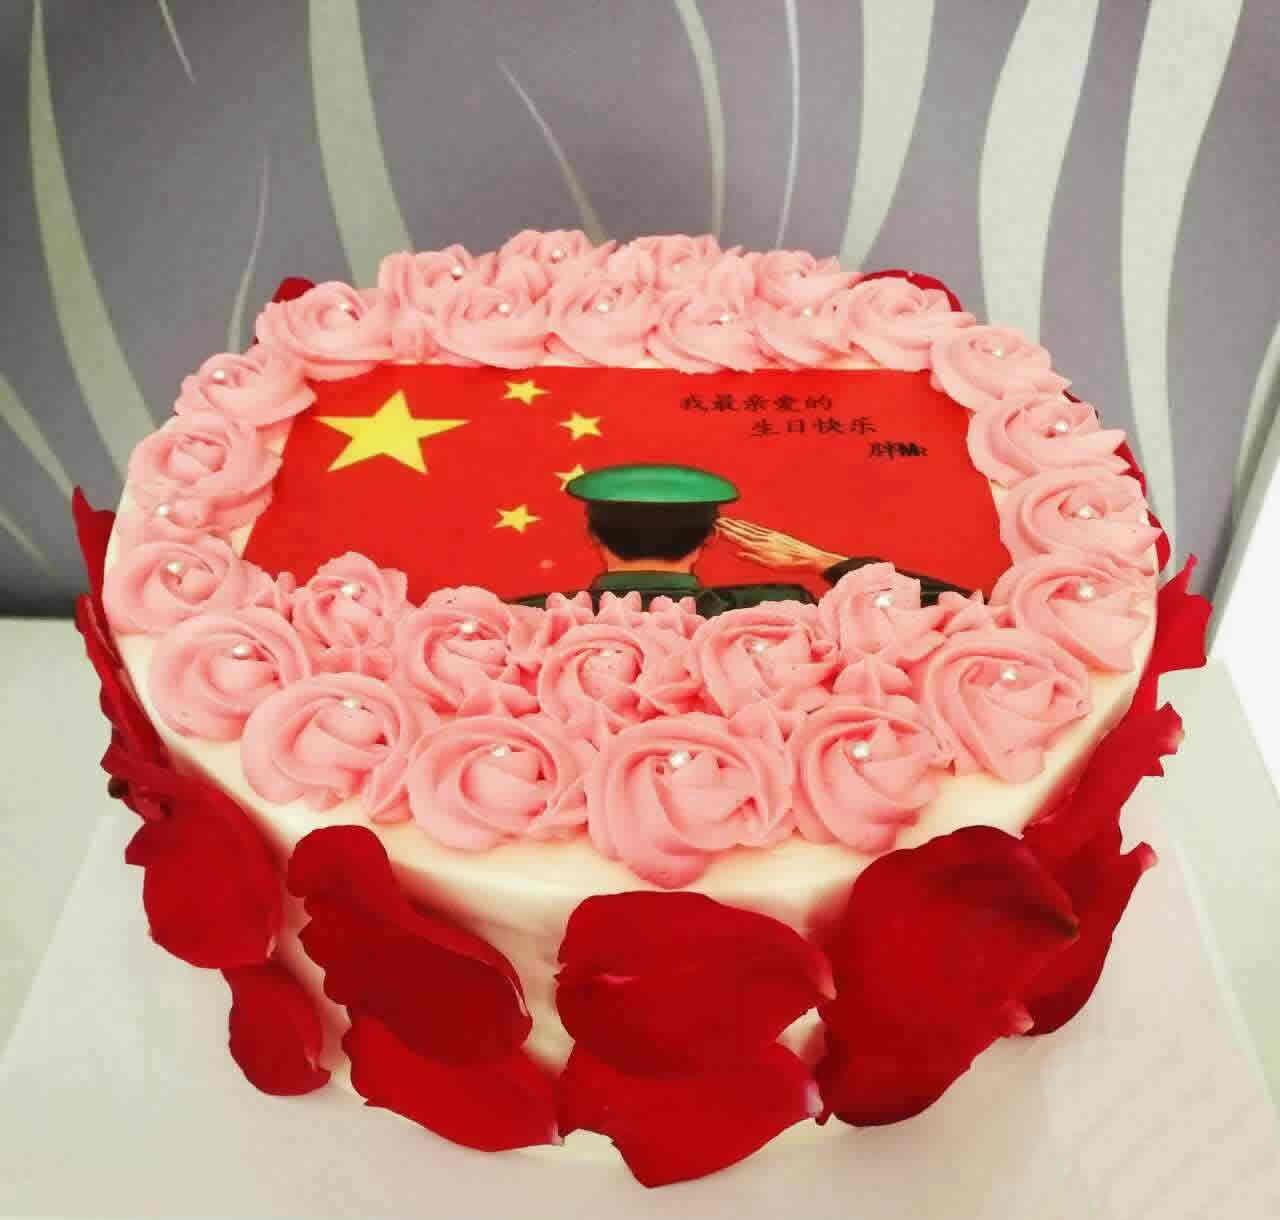 全国鲜花速递                                                                                        鲜花网:红旗飘飘